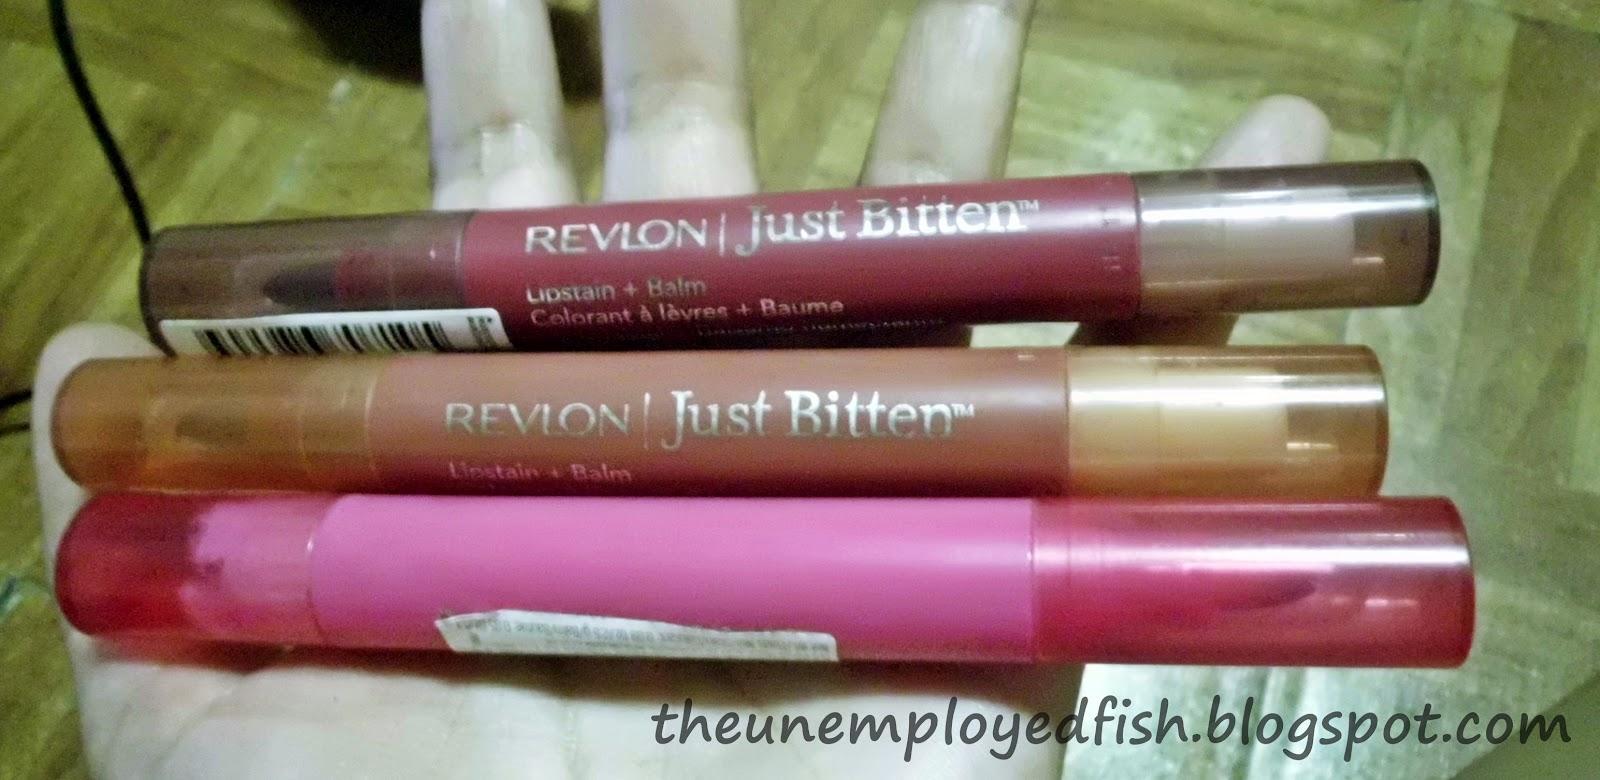 Revlon Revlon Just Bitten Lipstain Balm, 1 ea forecast